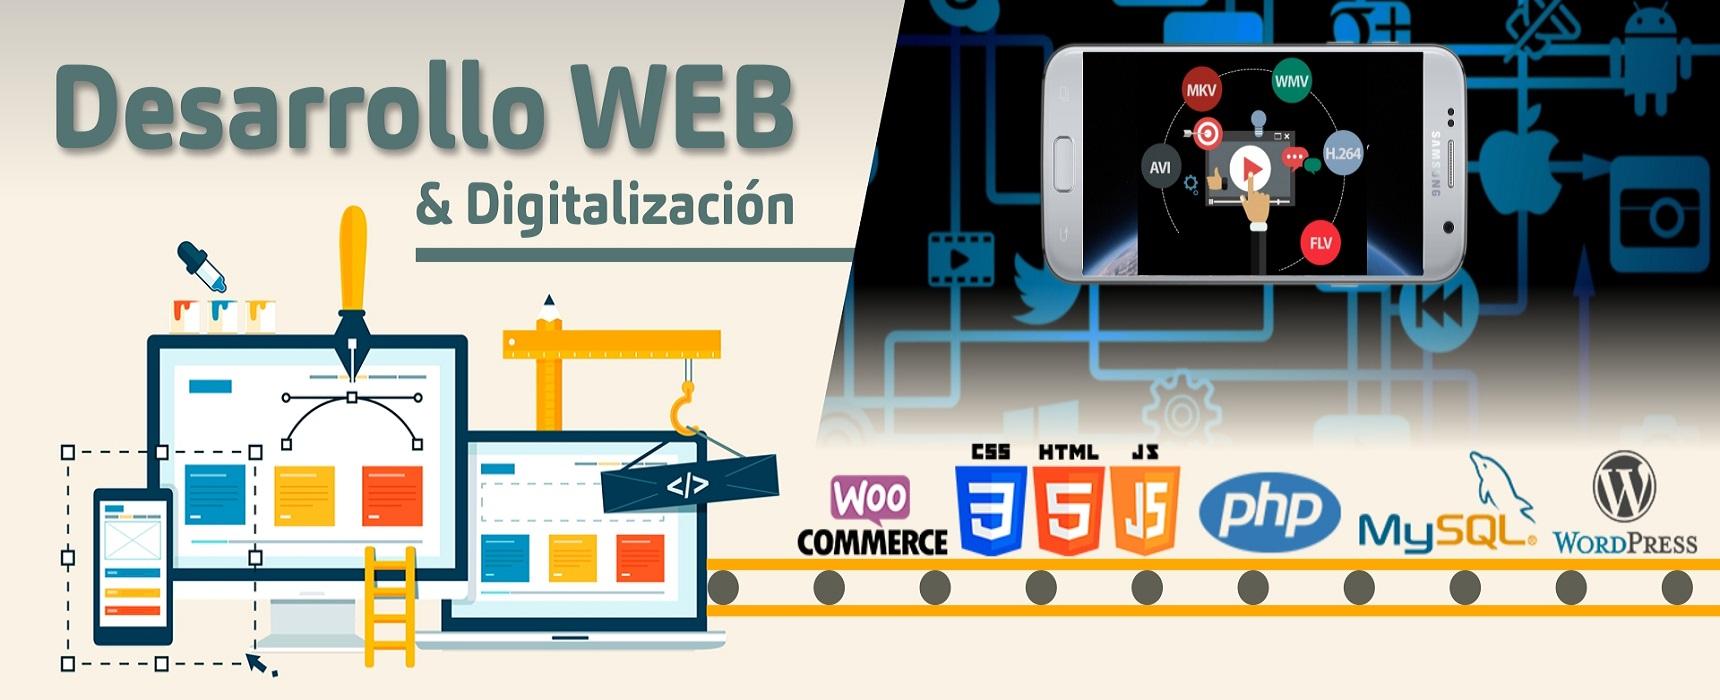 desarrollo web y digitalizacion grupogrenich1